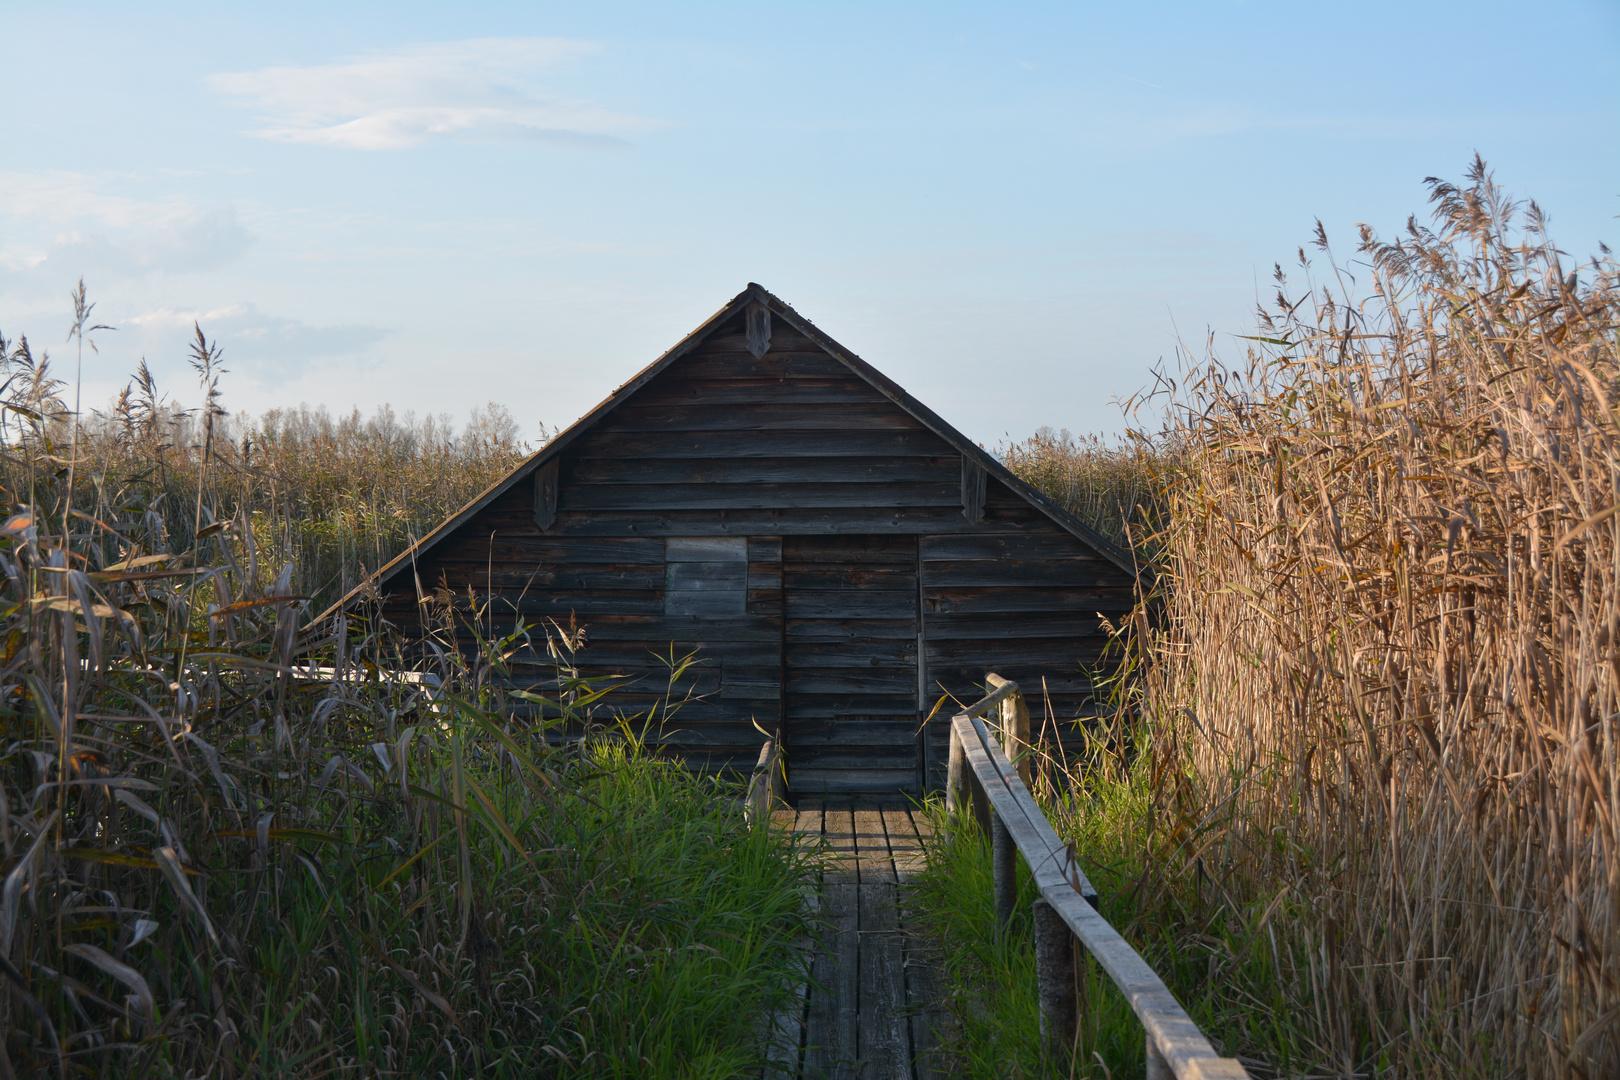 Bad Buchau Die Hütte im See